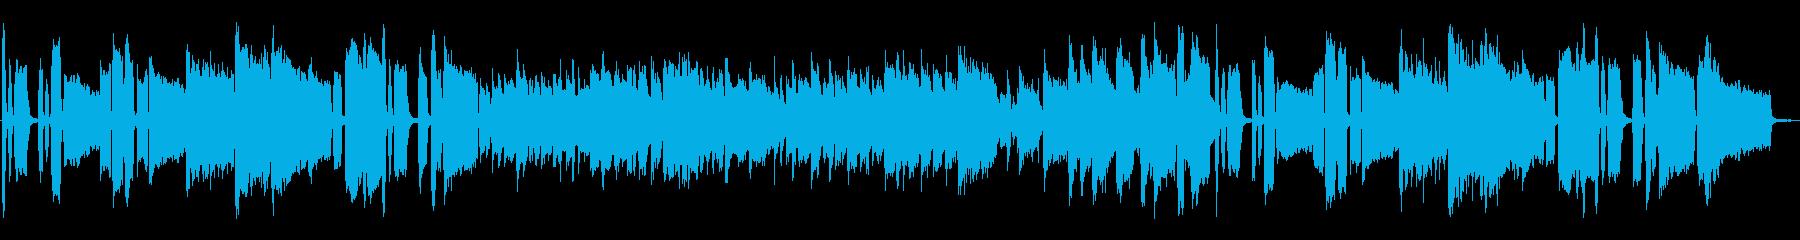 知的なサックスアンサンブルの再生済みの波形